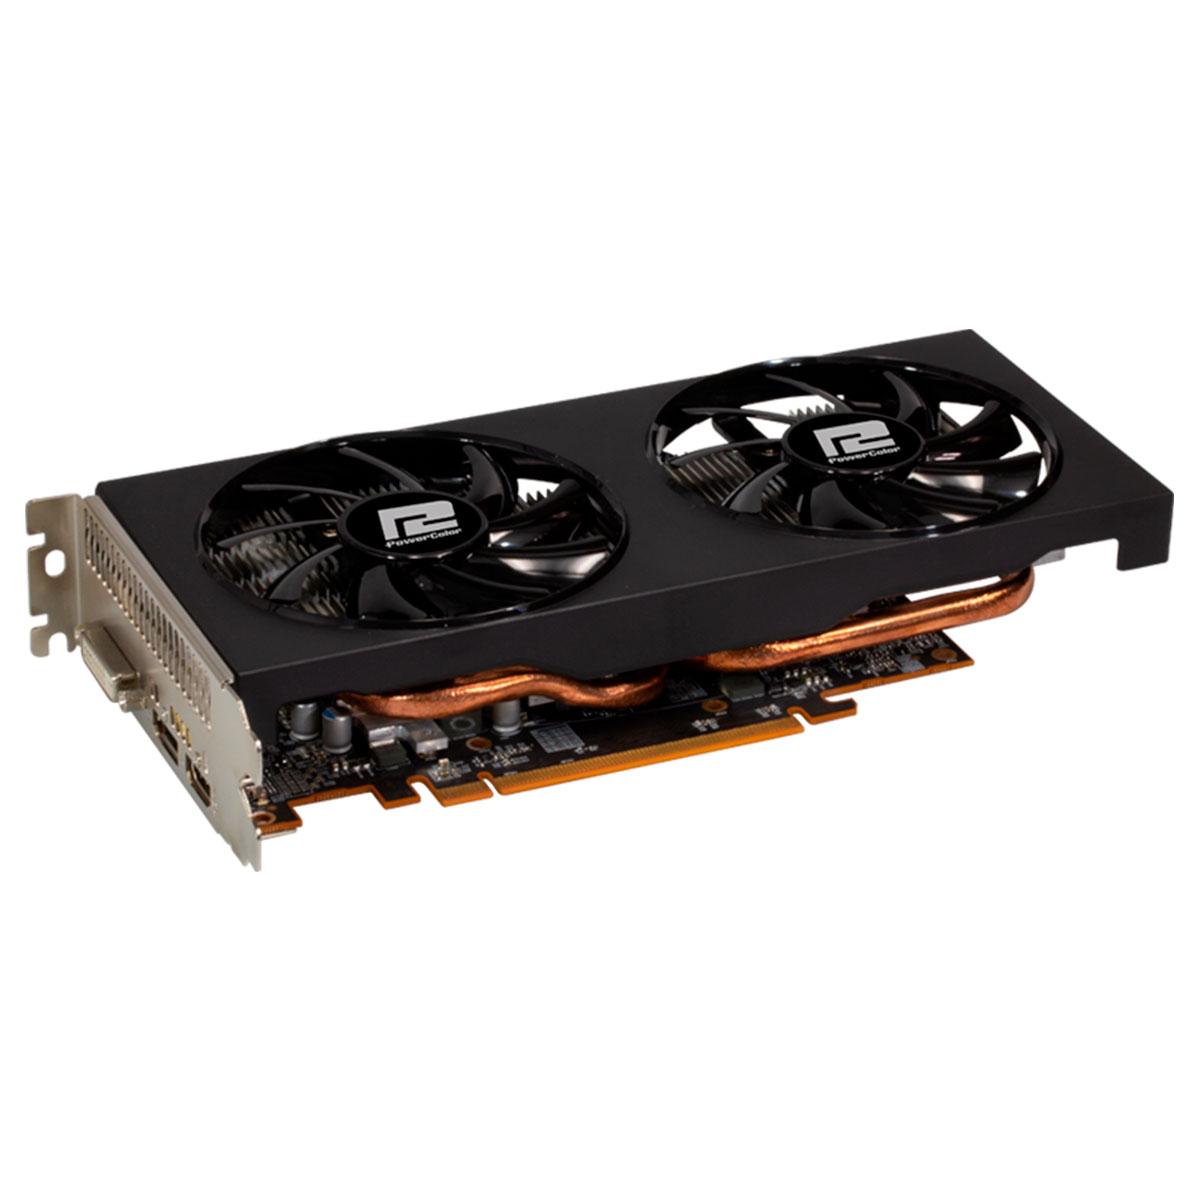 Placa de Vídeo Power Color Radeon RX 5500 XT 4GB GDDR6 128 Bits PCI-E 4.0 - AXRX5500XT 4GBD6-DH/OC